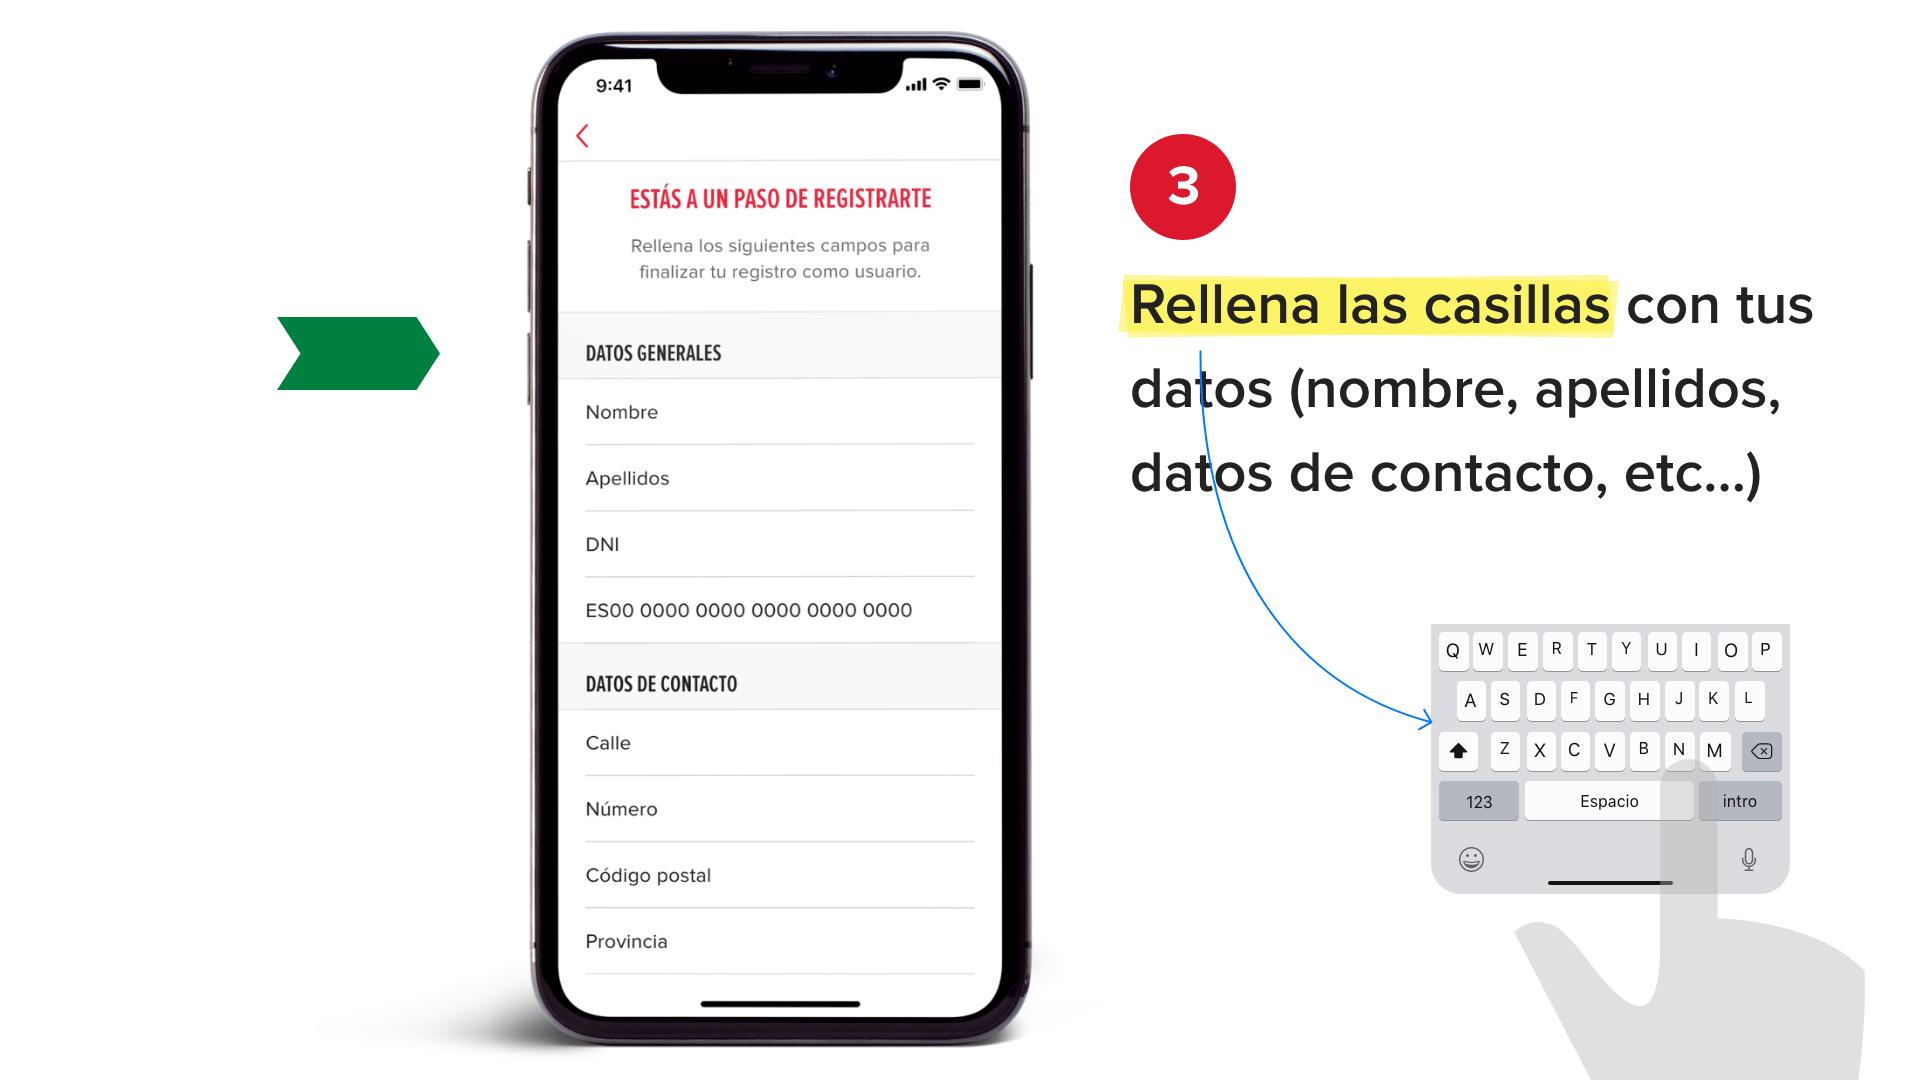 Rellena las casillas con tus datos